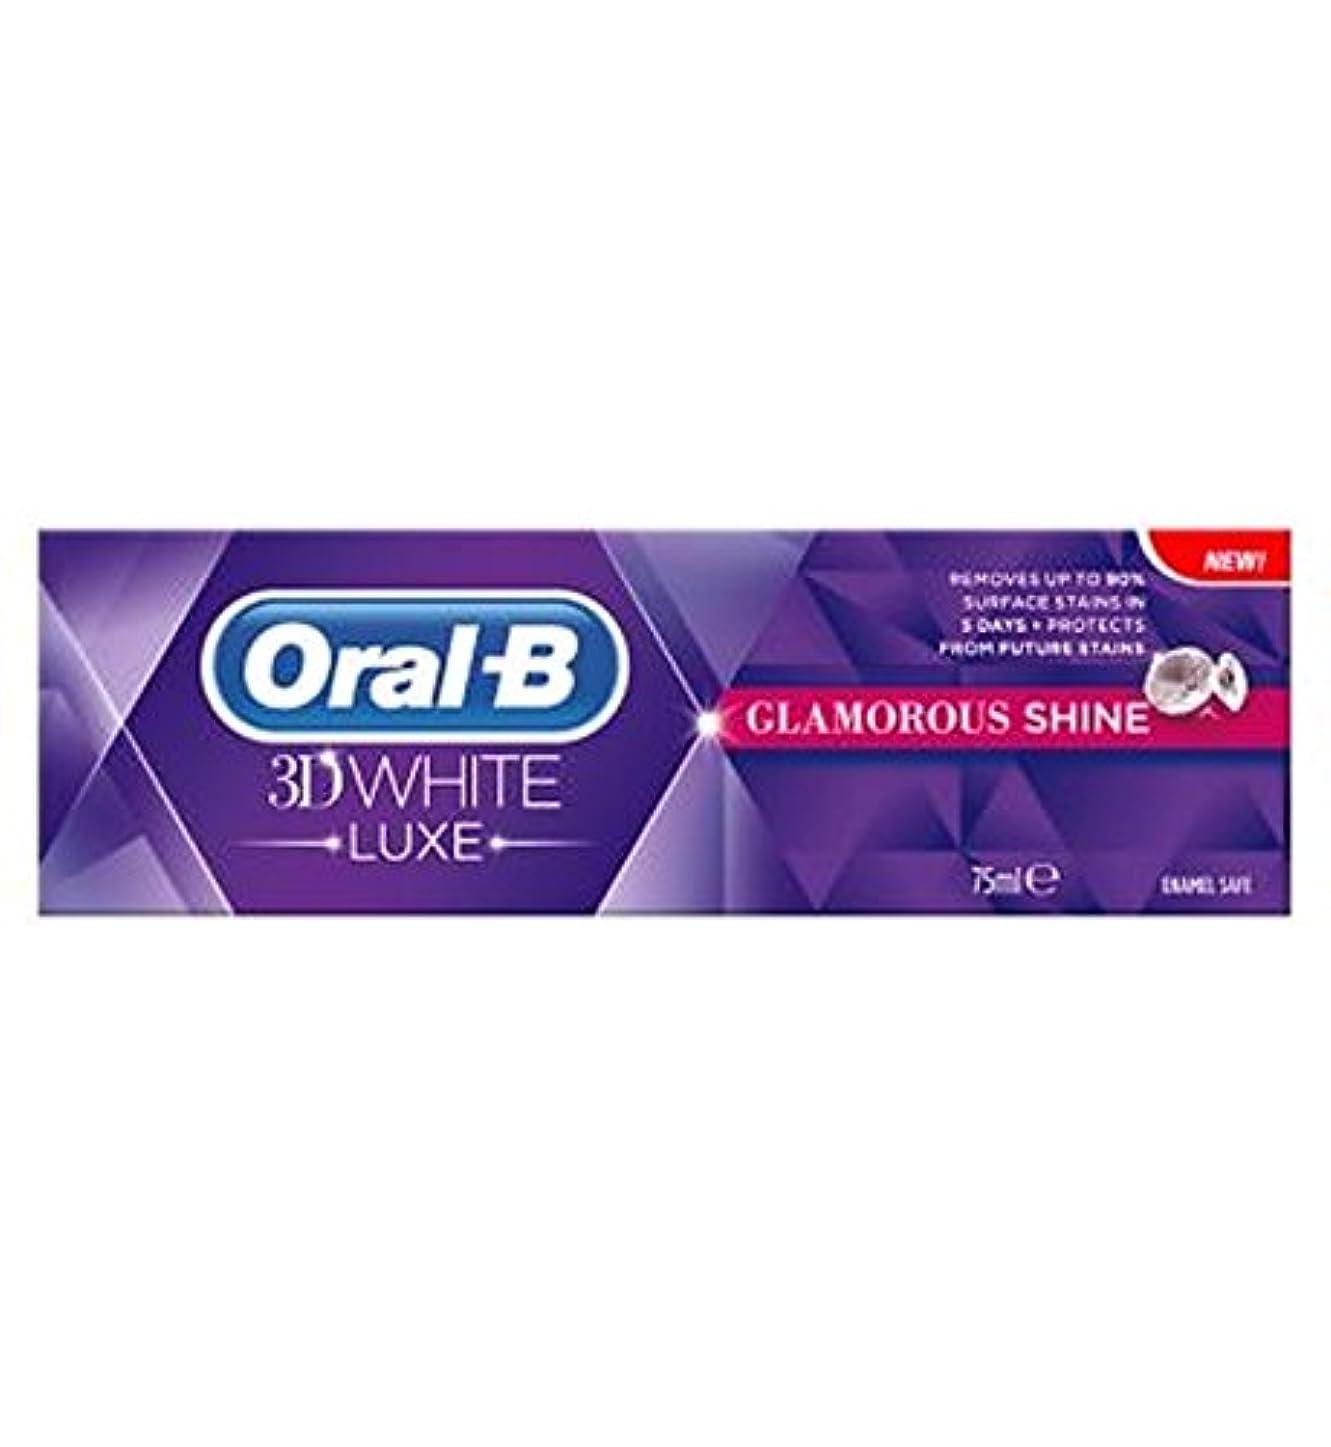 光ワードローブ落ち着いてOral-B 3DWhite Luxe Glamourous Shine Toothpaste 75ml - オーラルB 3Dwhite豪華グラマラスな輝きの歯磨き粉75ミリリットル (Oral B) [並行輸入品]